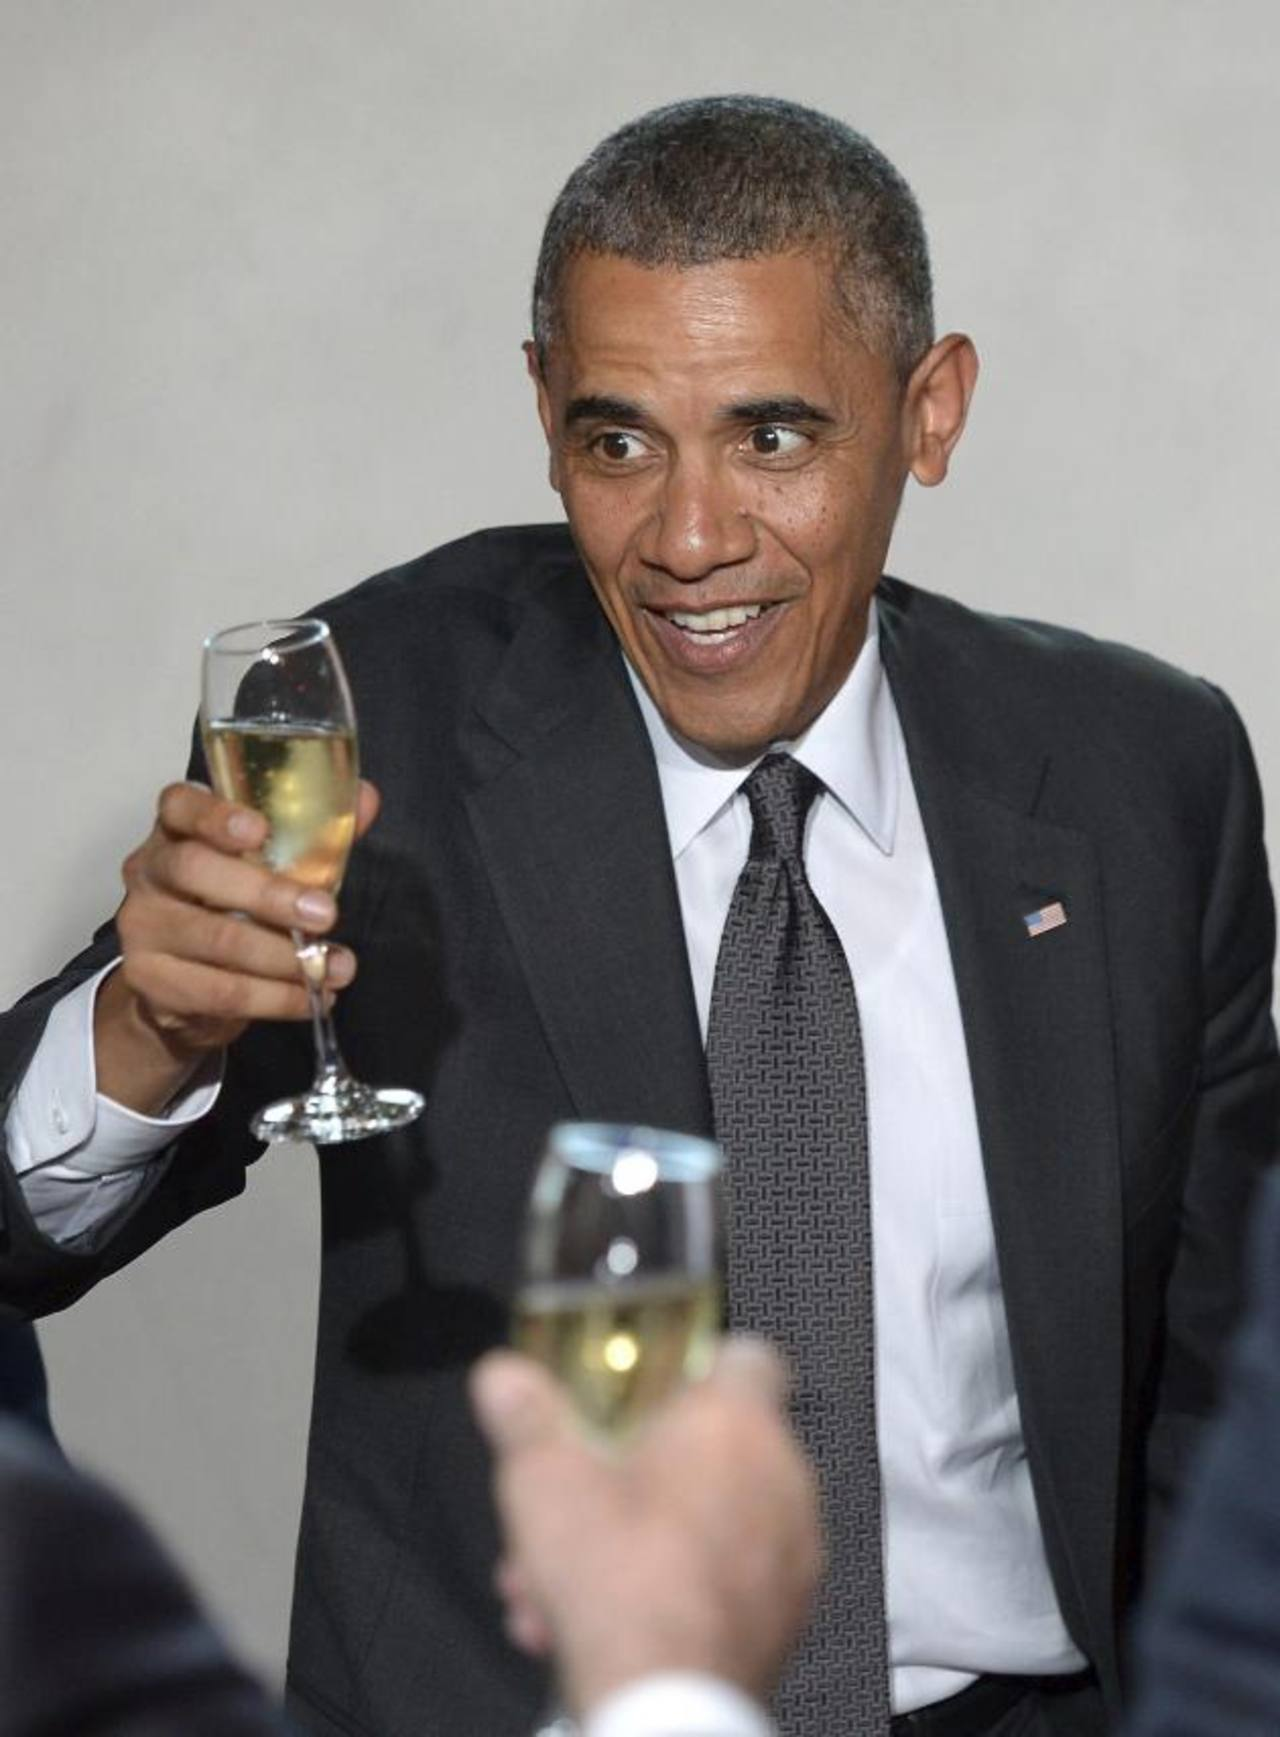 El presidente de EE. UU. Barack Obama, en el palacio presidencial en Varsovia.